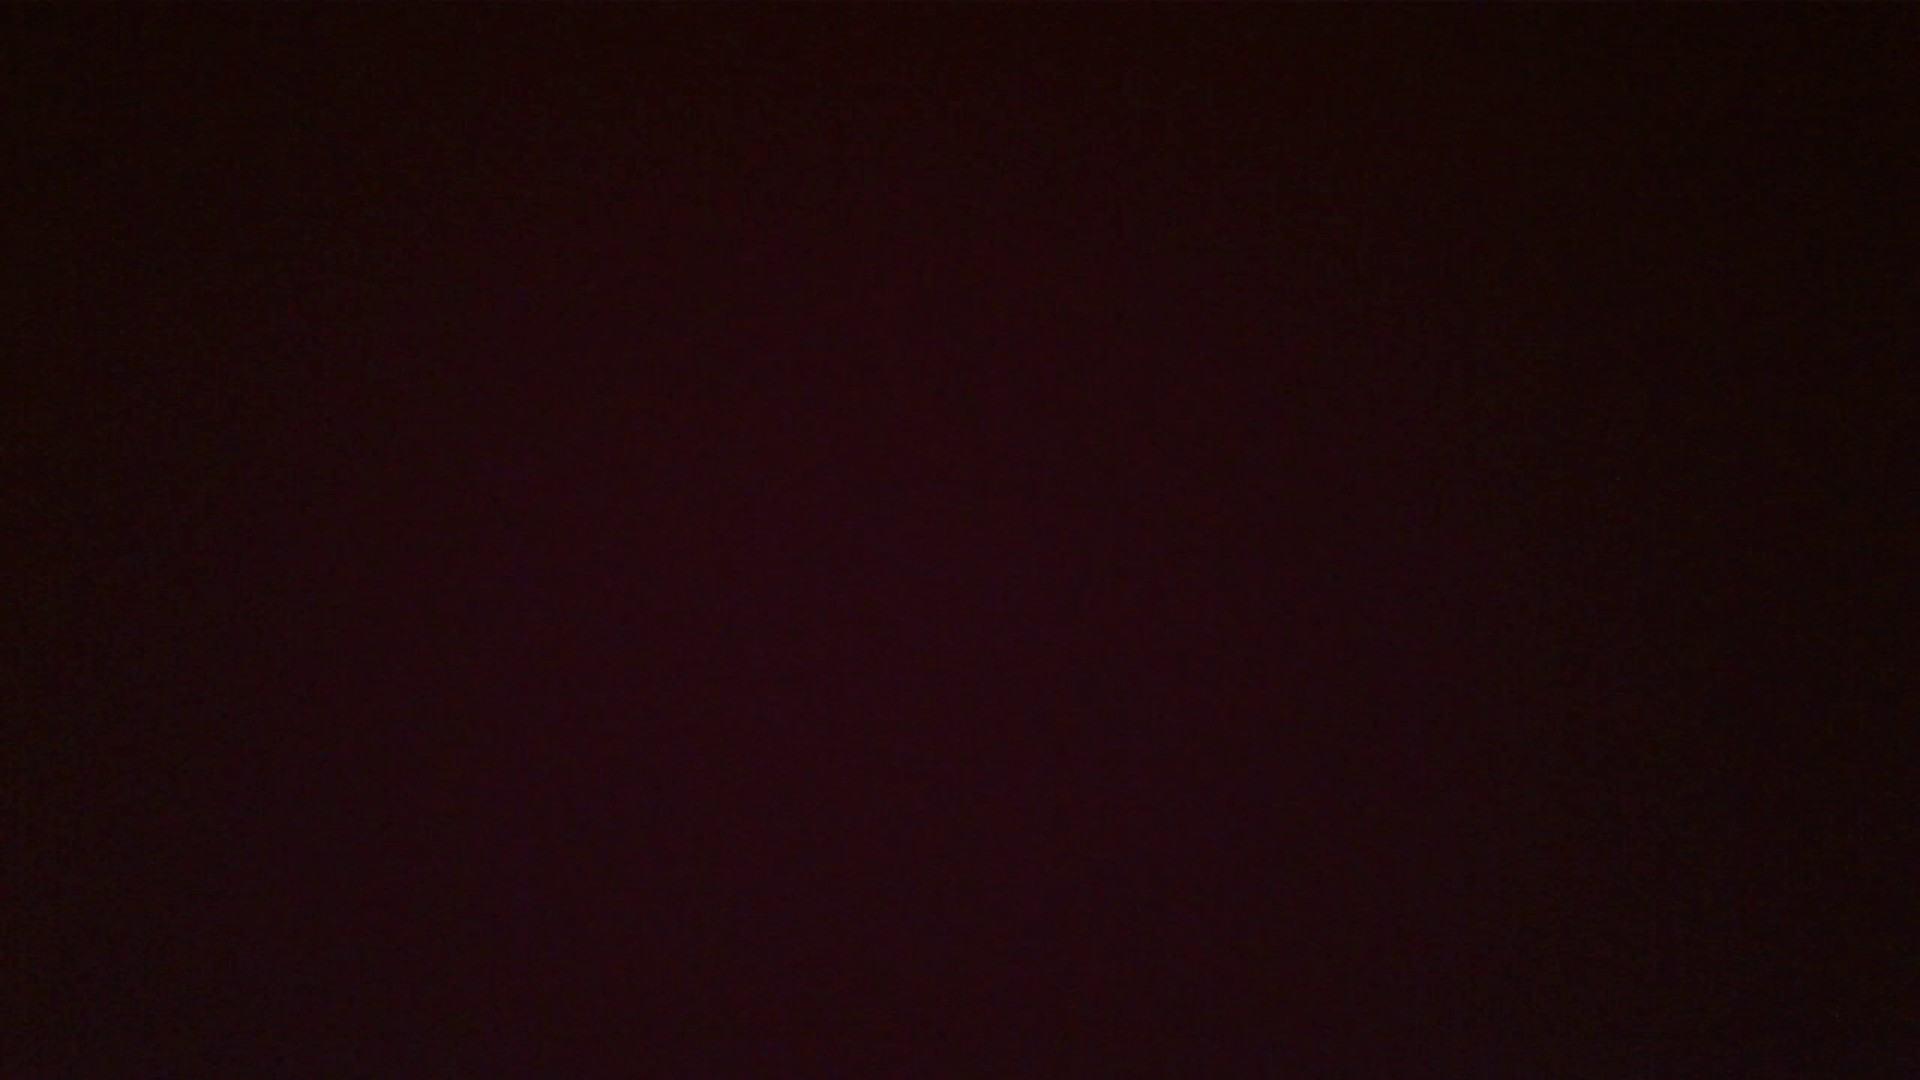 可愛いカリスマ店員限定‼胸チラ&パンチラ vol.19 チラ歓迎 のぞき動画画像 89pic 48